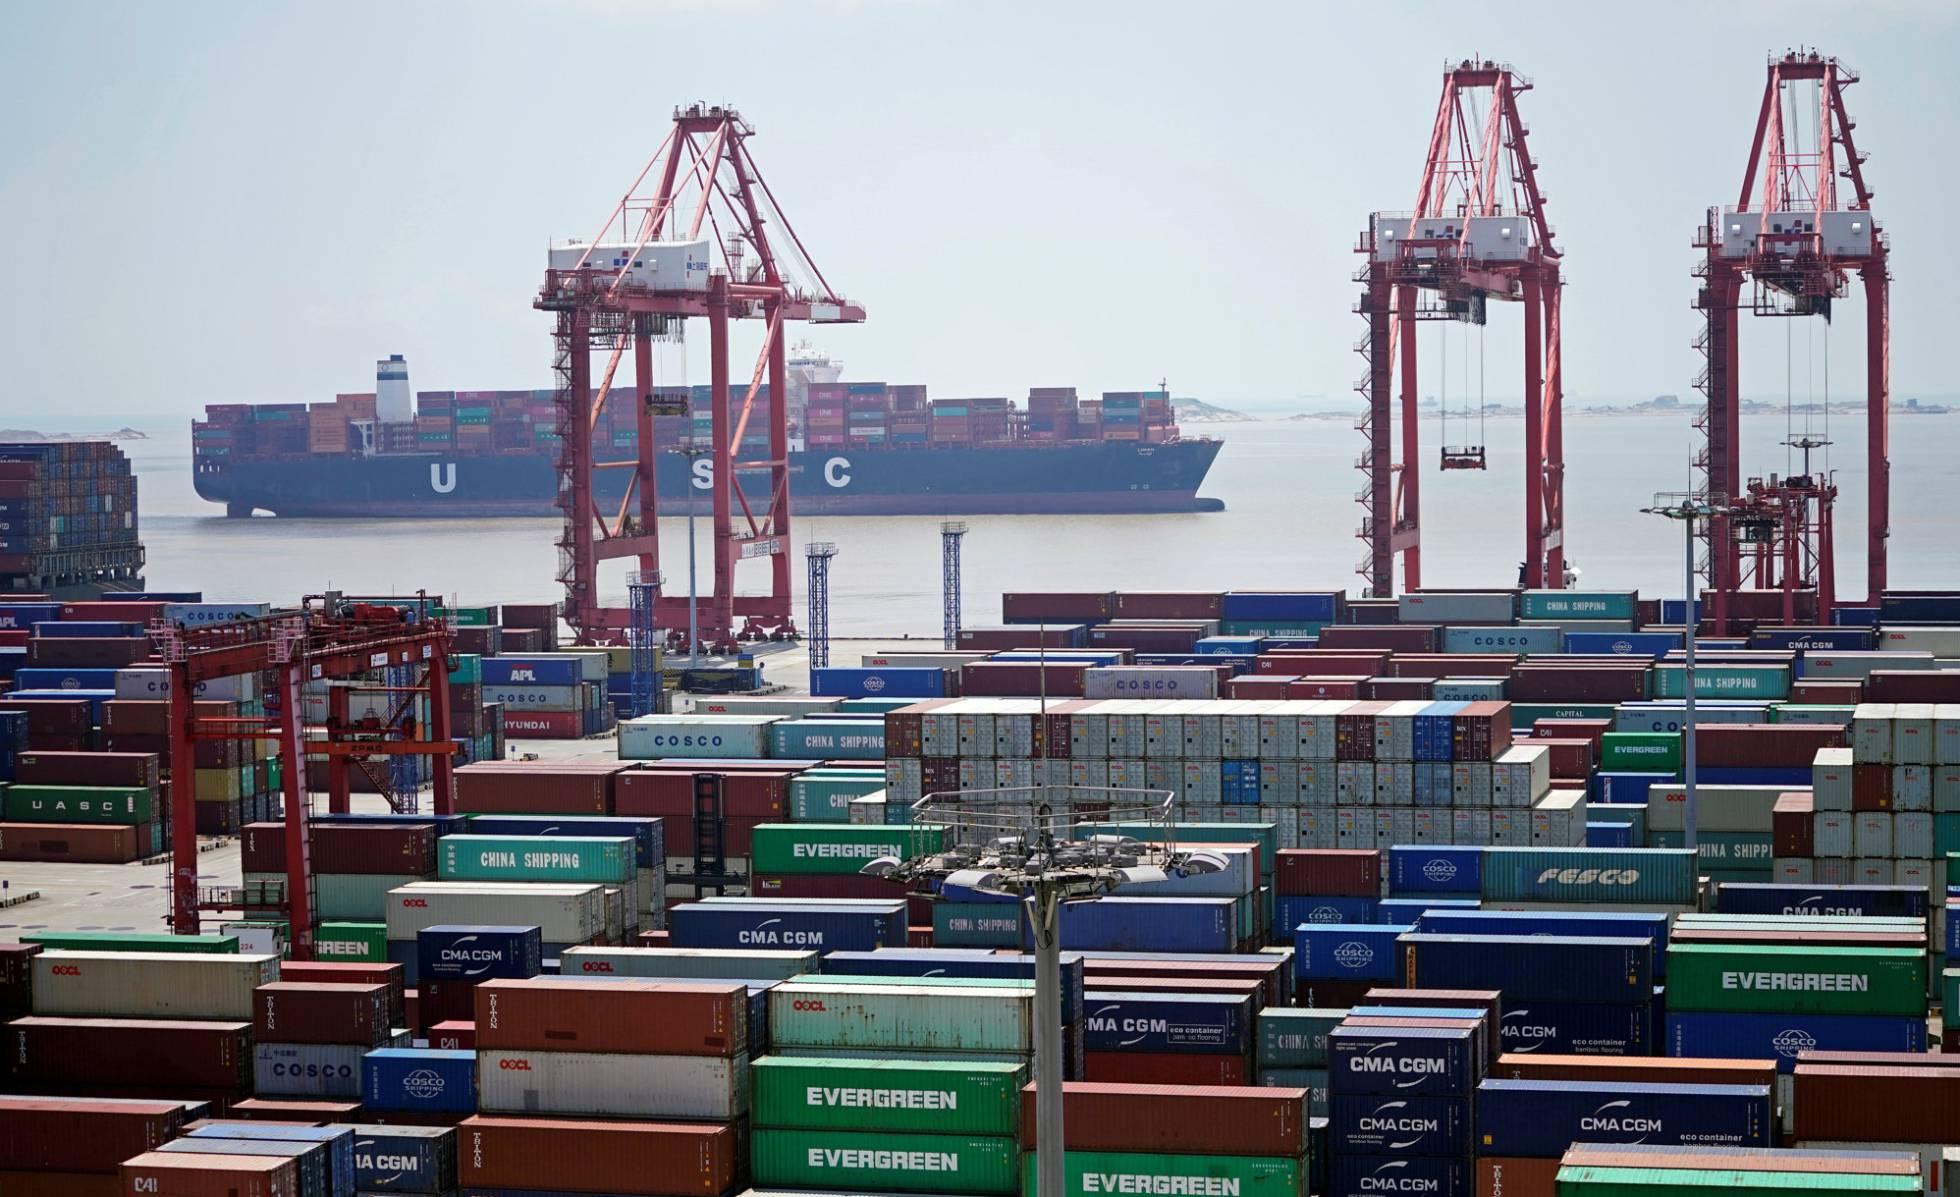 La guerra comercial entre EE UU y China acelera la desglobalización, La guerra comercial entre EE UU y China